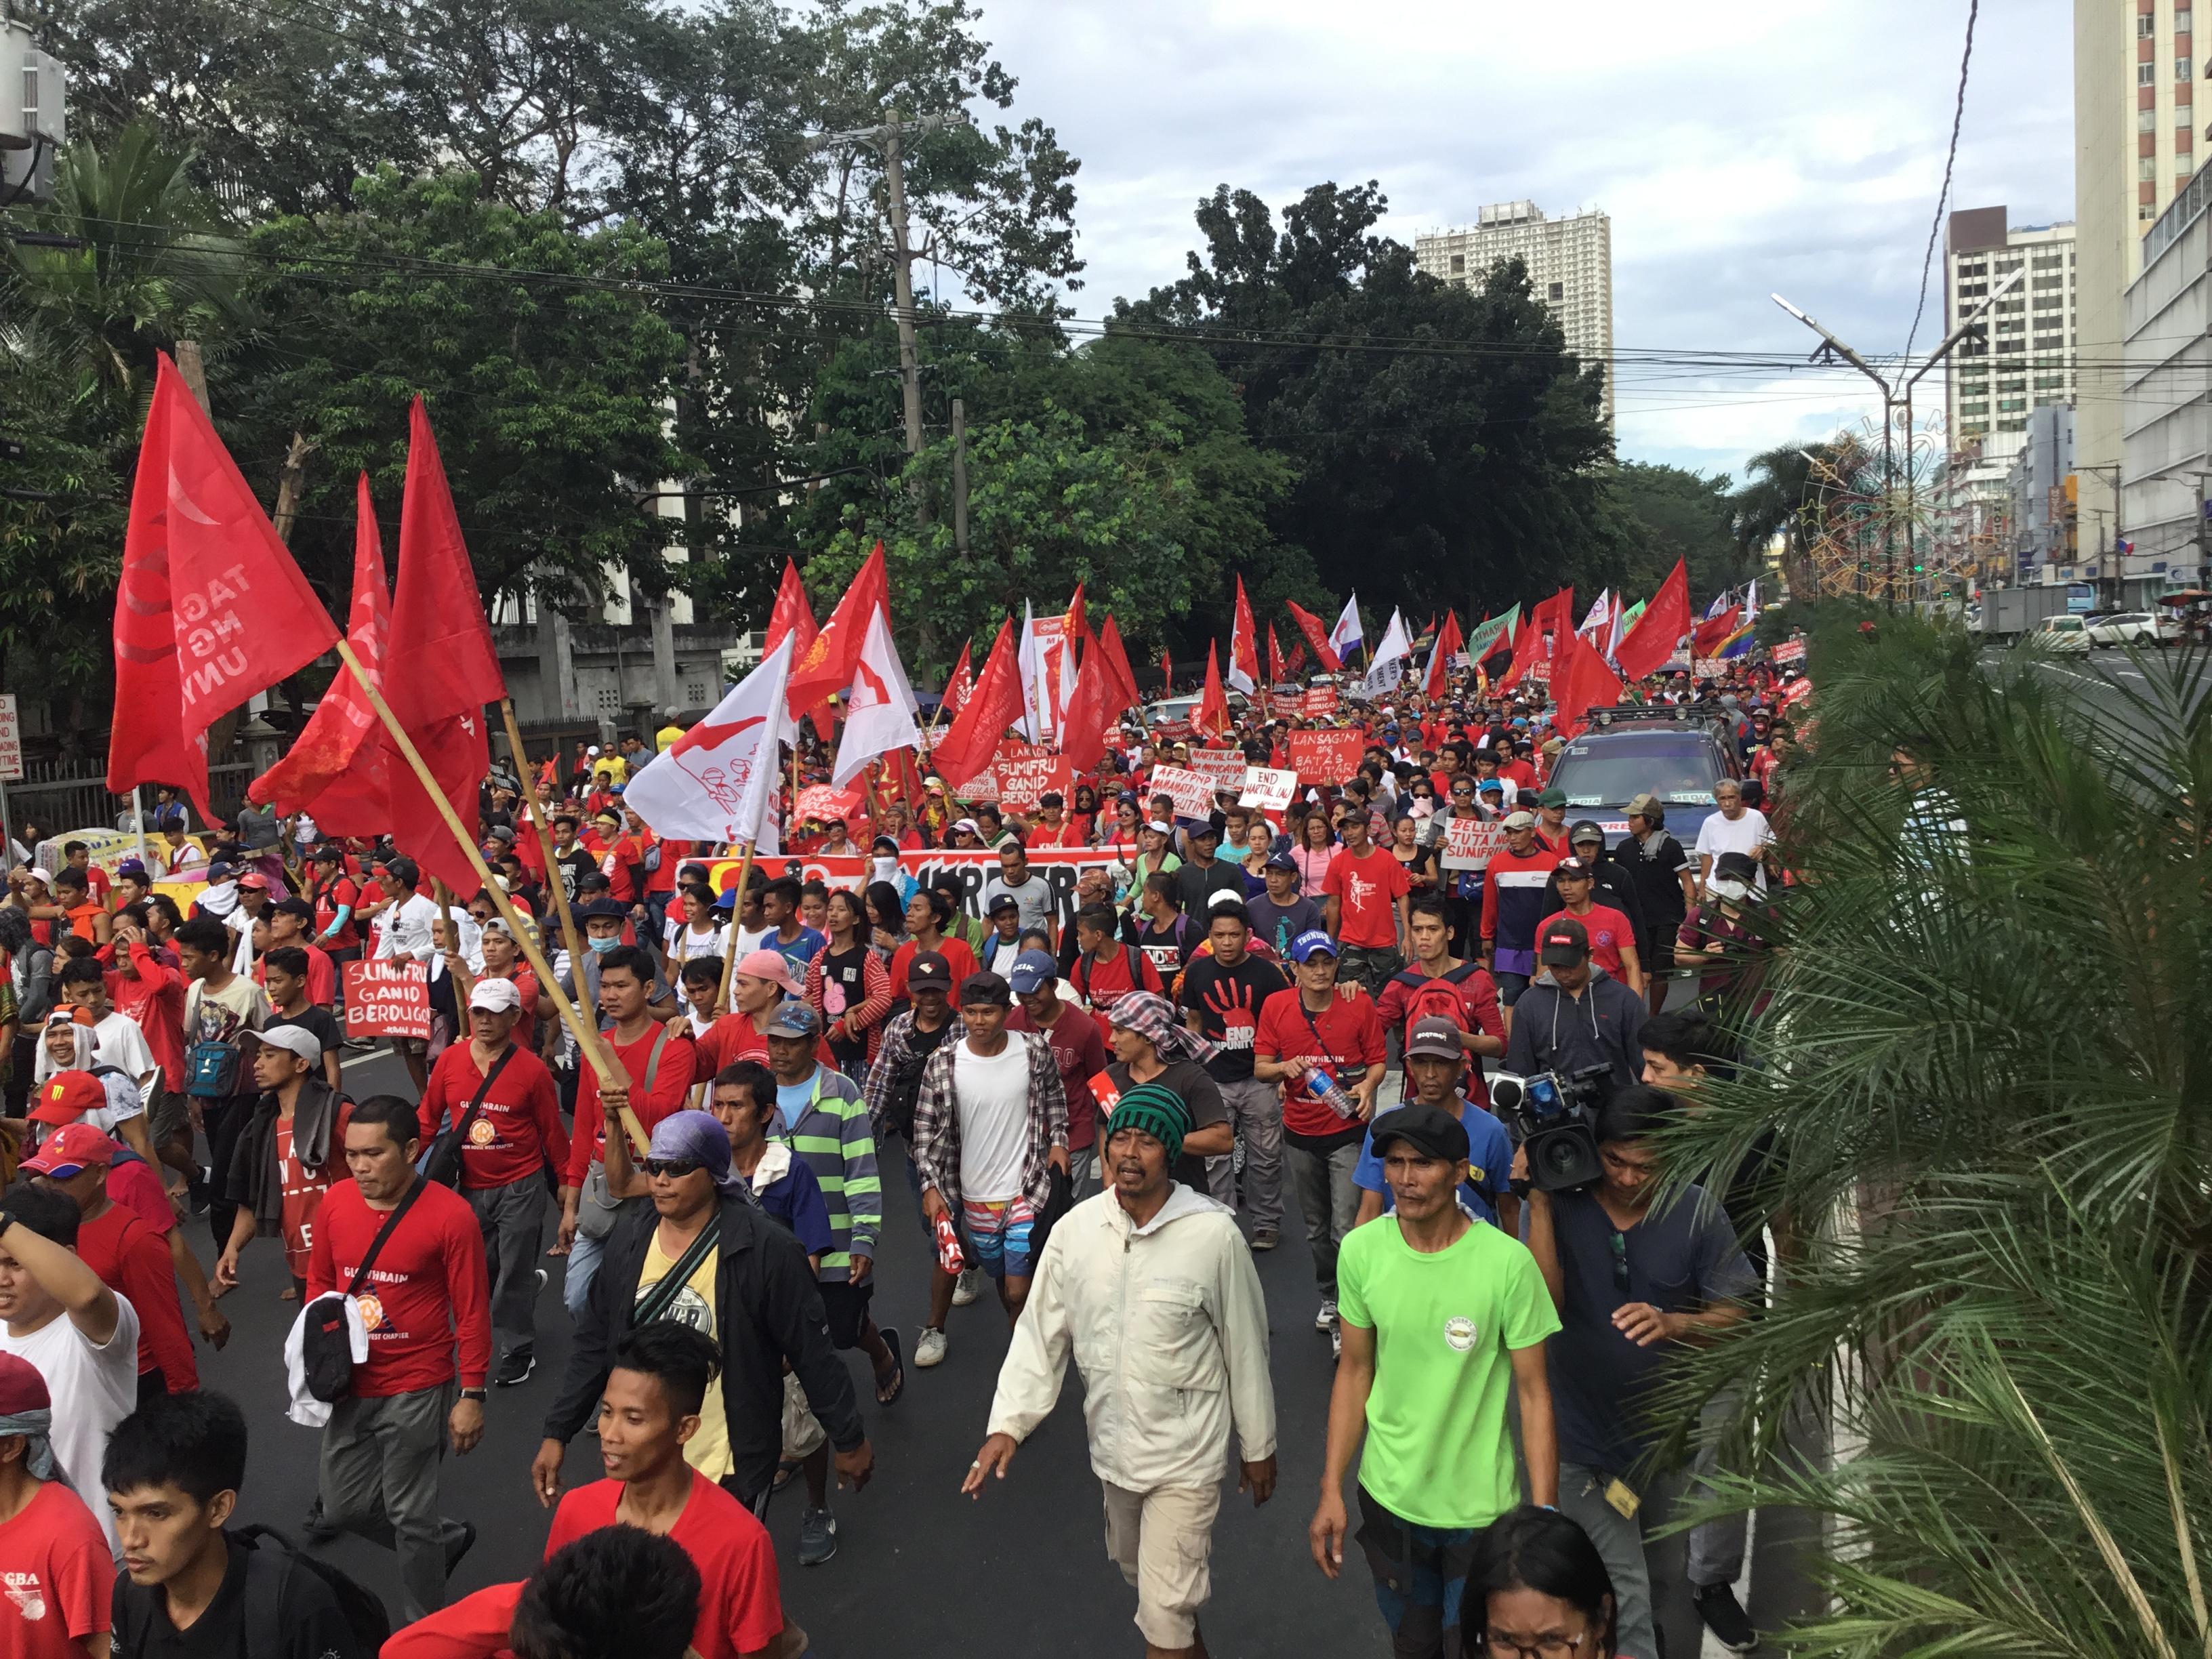 Protests against Rodrigo Duterte - Wikipedia